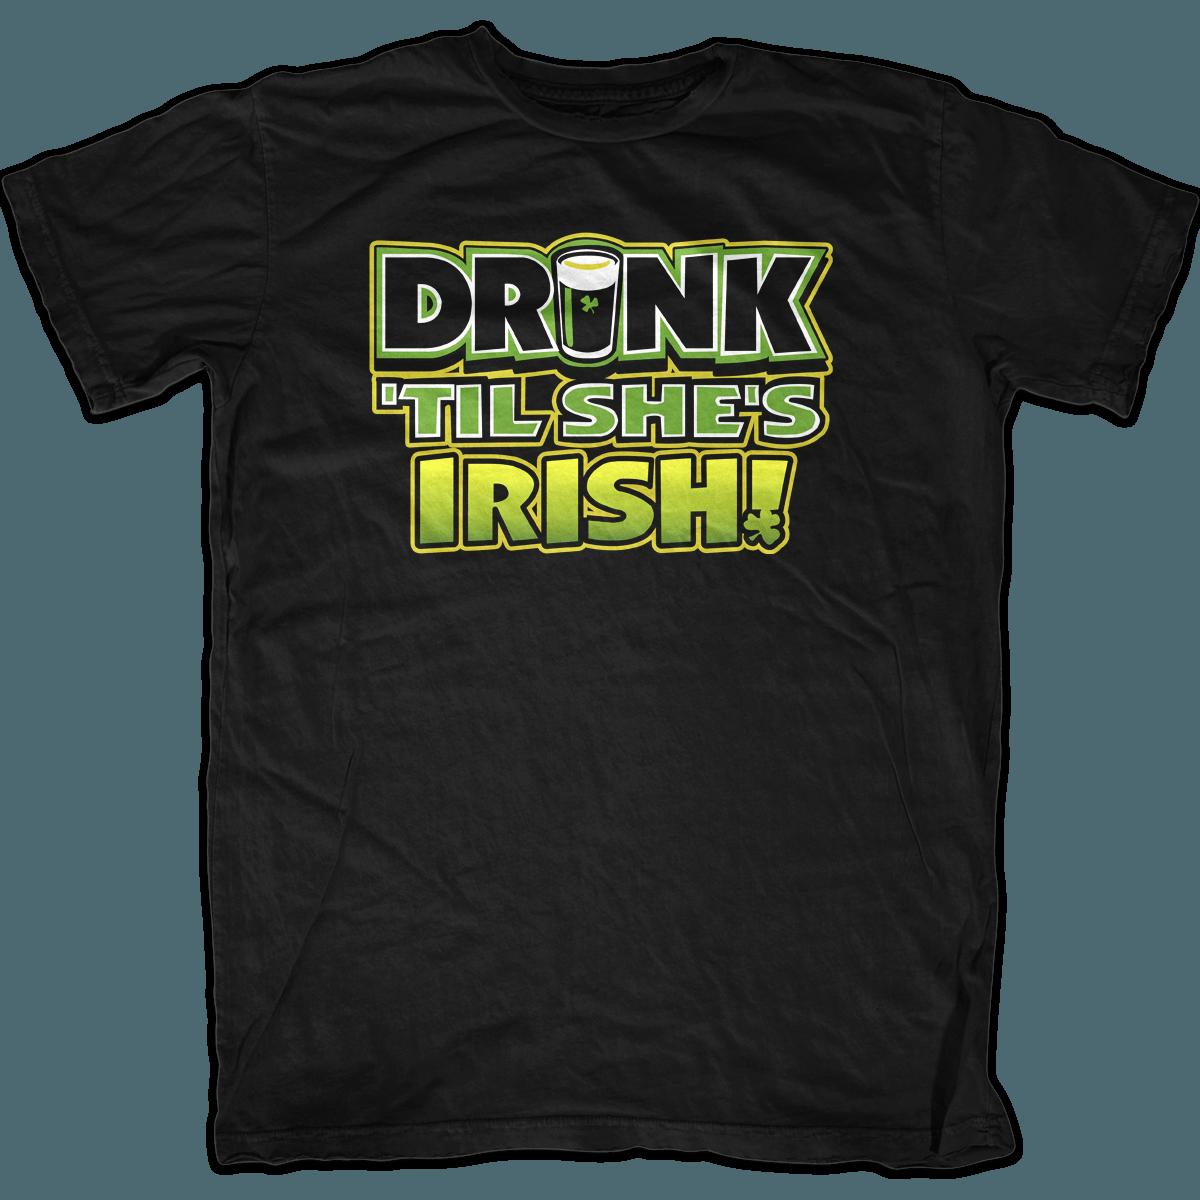 Drink Till She's Irish